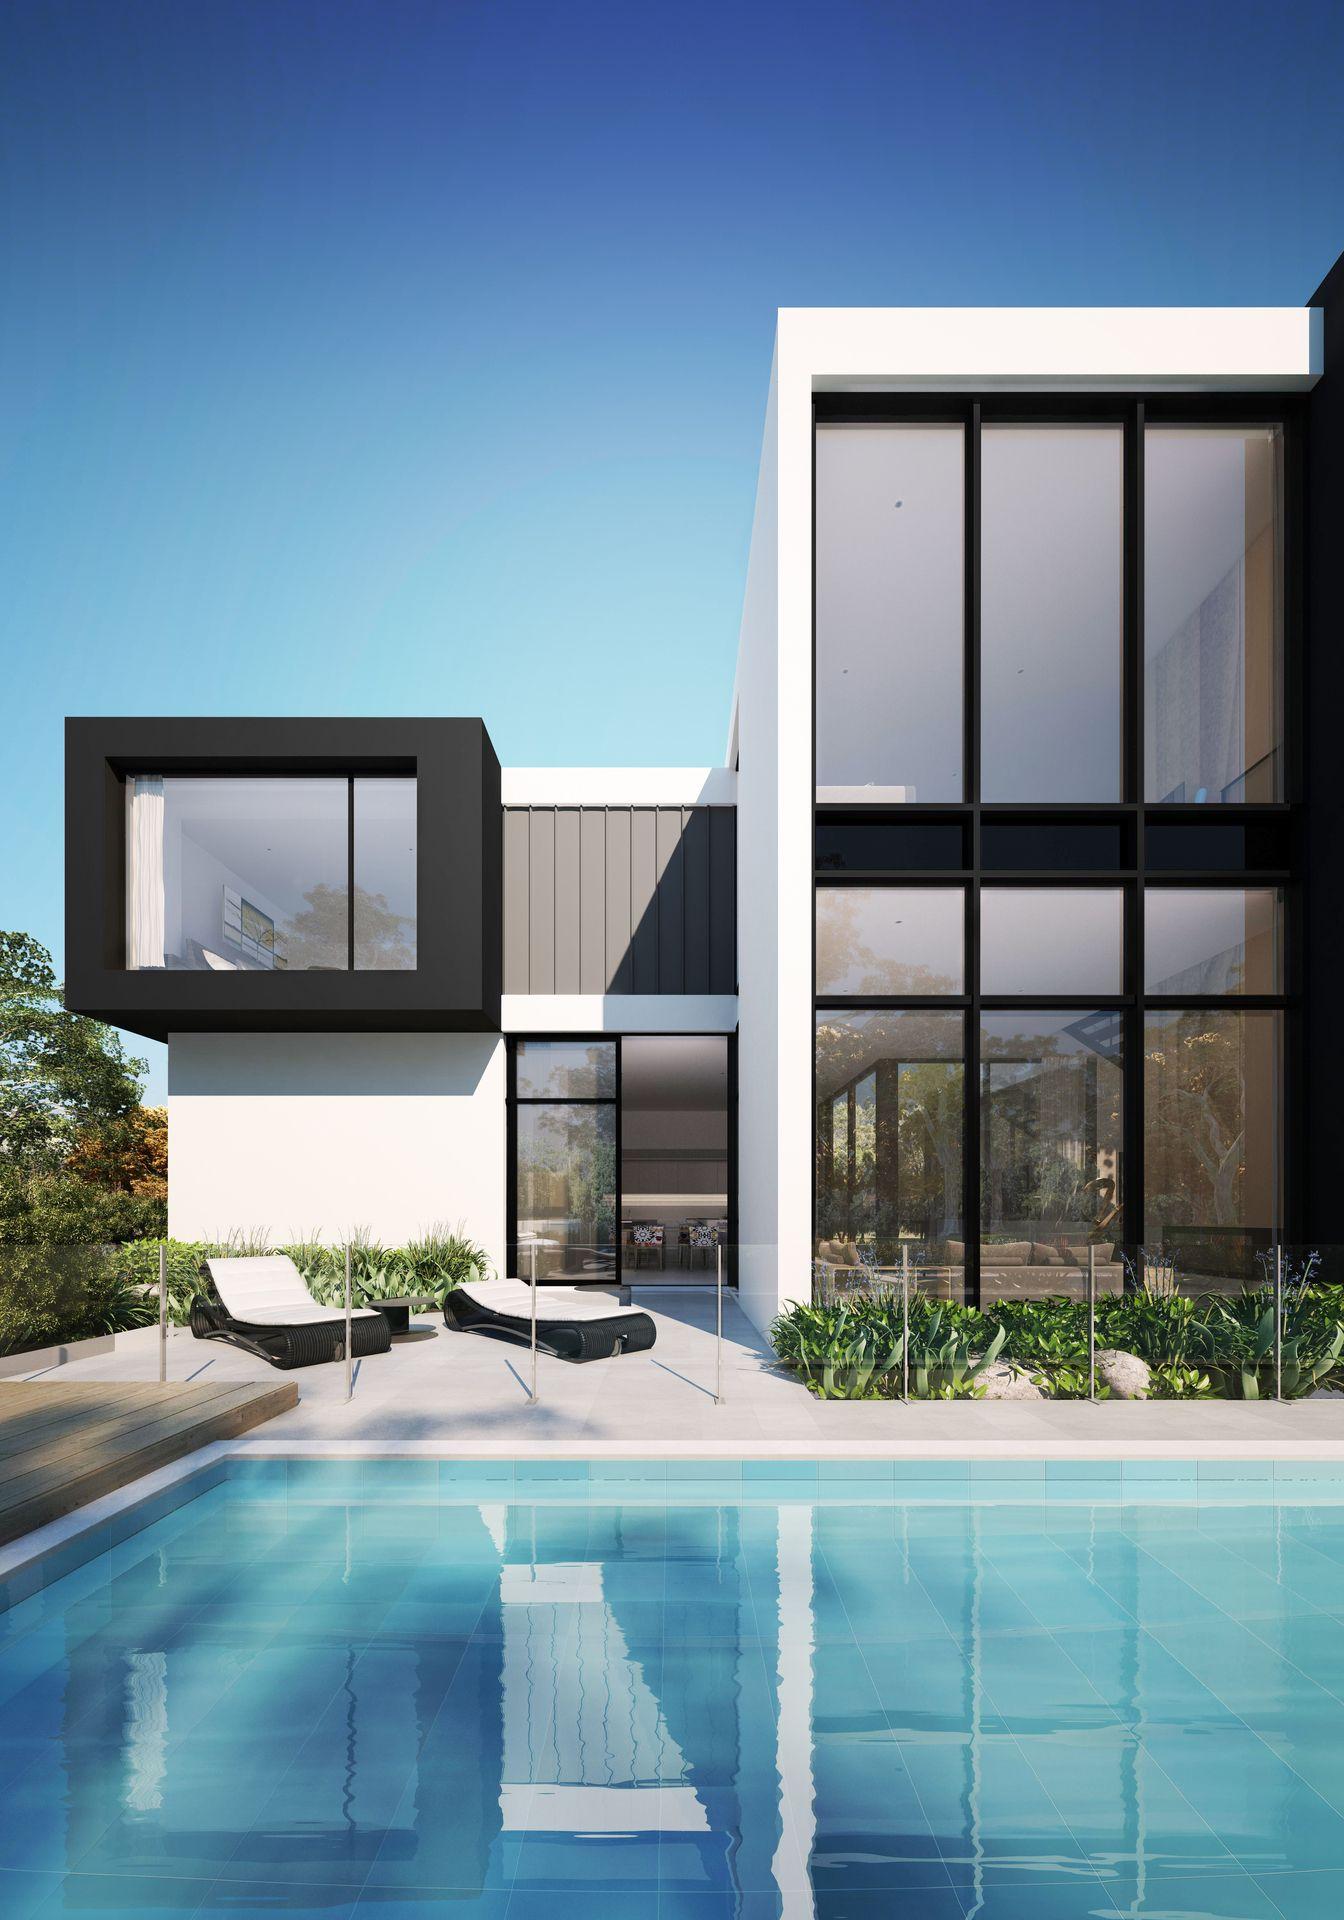 Maison moderne australie maisons maisons contemporaines maisons modernes intérieur des photos de conception melbourne en australie larchitecture d